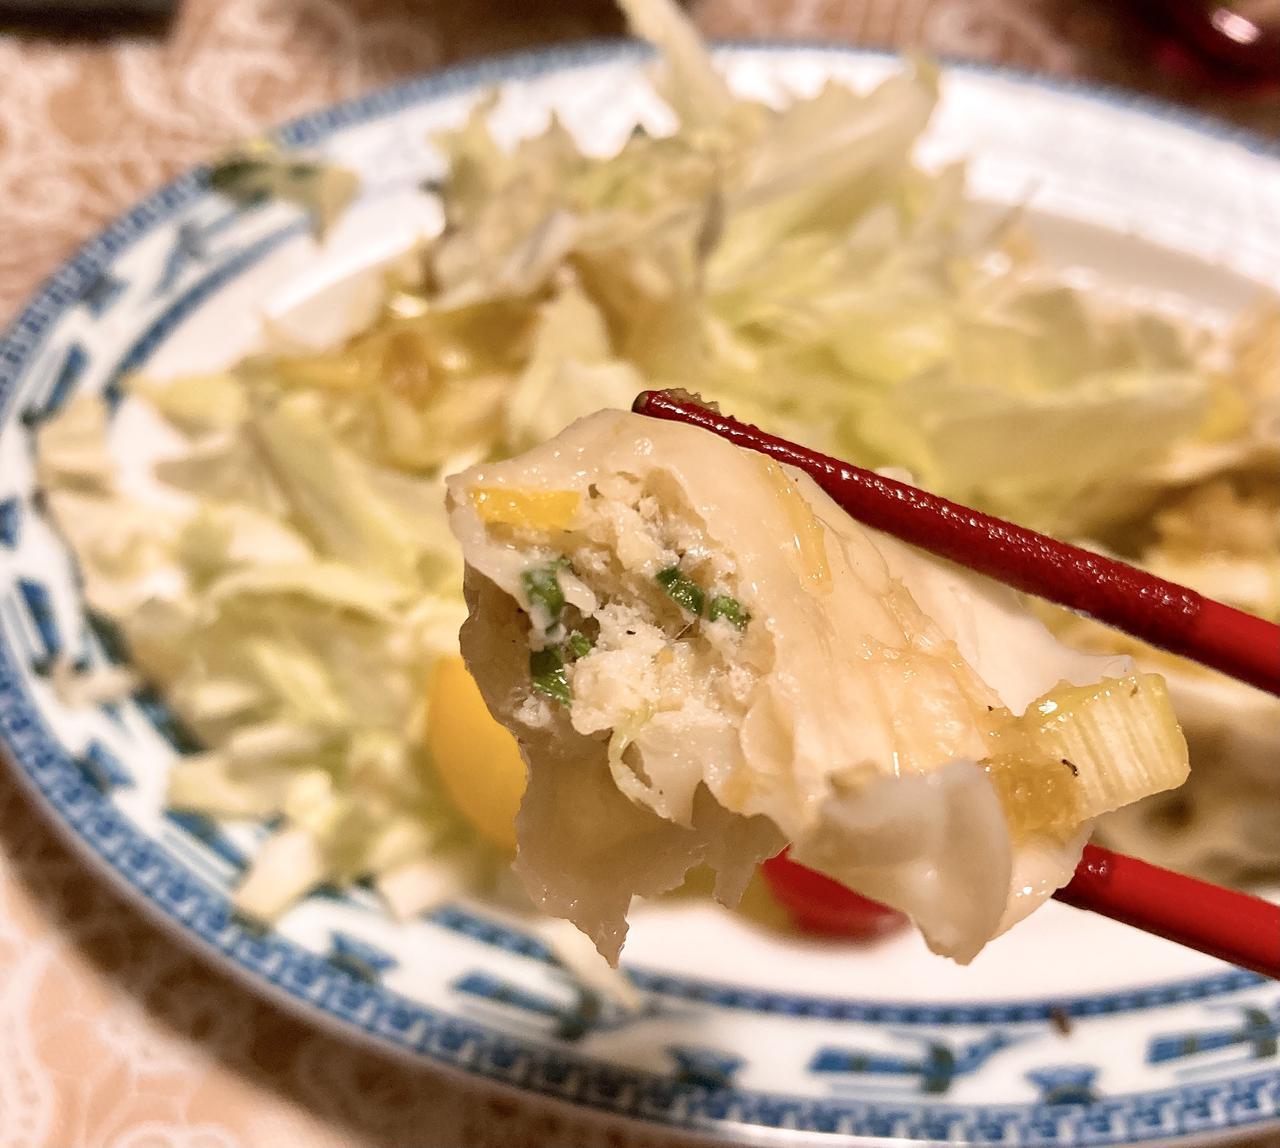 画像4: 【試食レポ】ギョーザで美味しくボディメイク!話題のあの商品を食べてみた♡